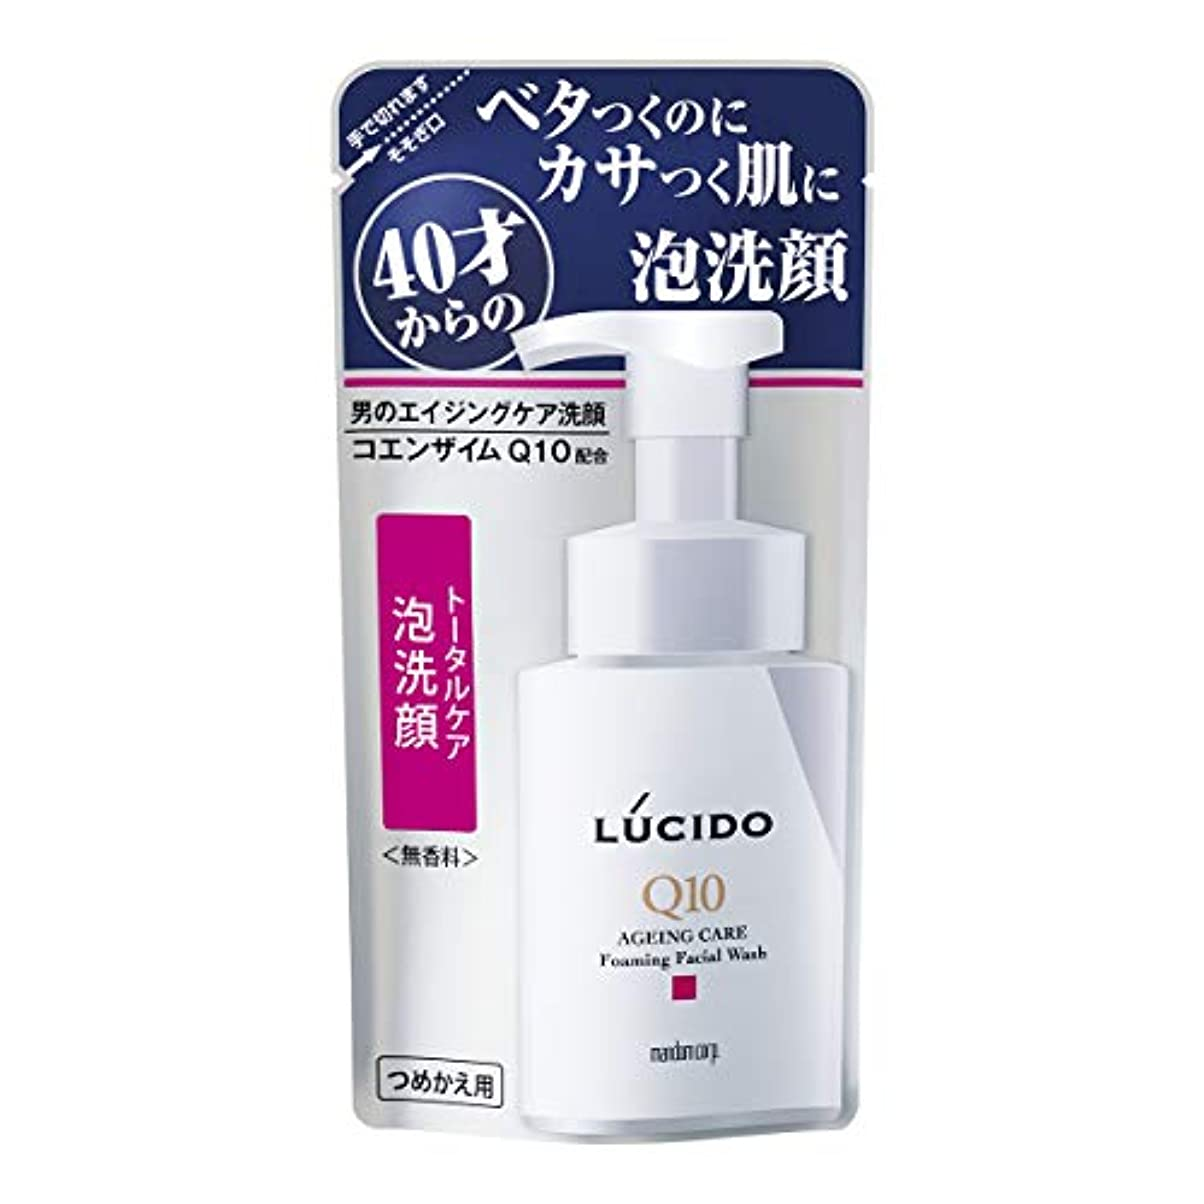 五月火炎テロリストLUCIDO(ルシード) トータルケア泡洗顔 つめかえ用 Q10 130mL